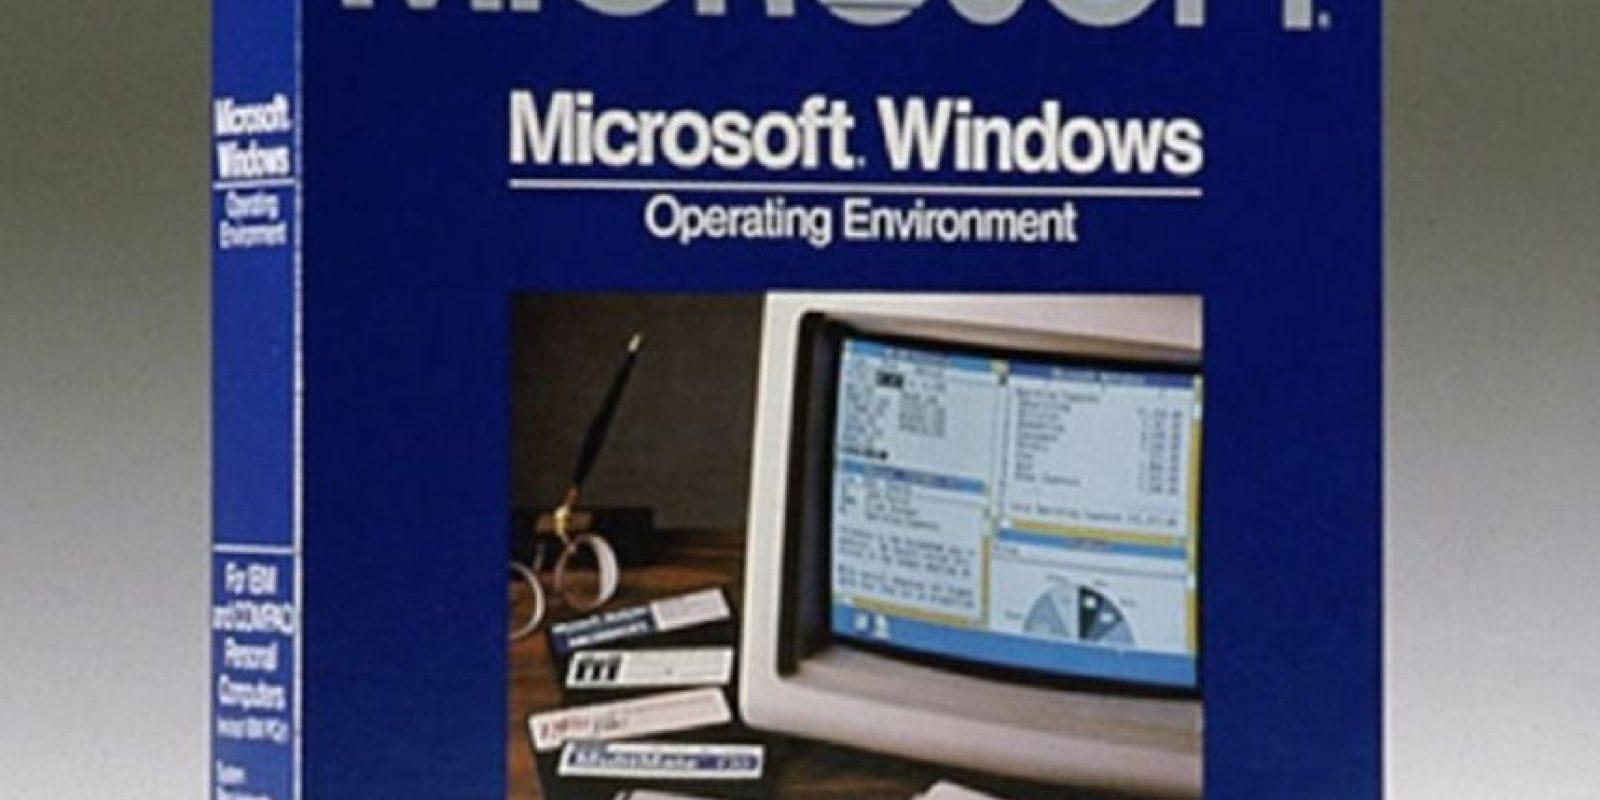 Microsoft inició actividades en el año de 1975 con la producción de software y pequeñas computadoras de escritorio. Les presentamos el Windows 1.0 creado por esta empresa en 1983. Foto:Vía windows.microsoft.com